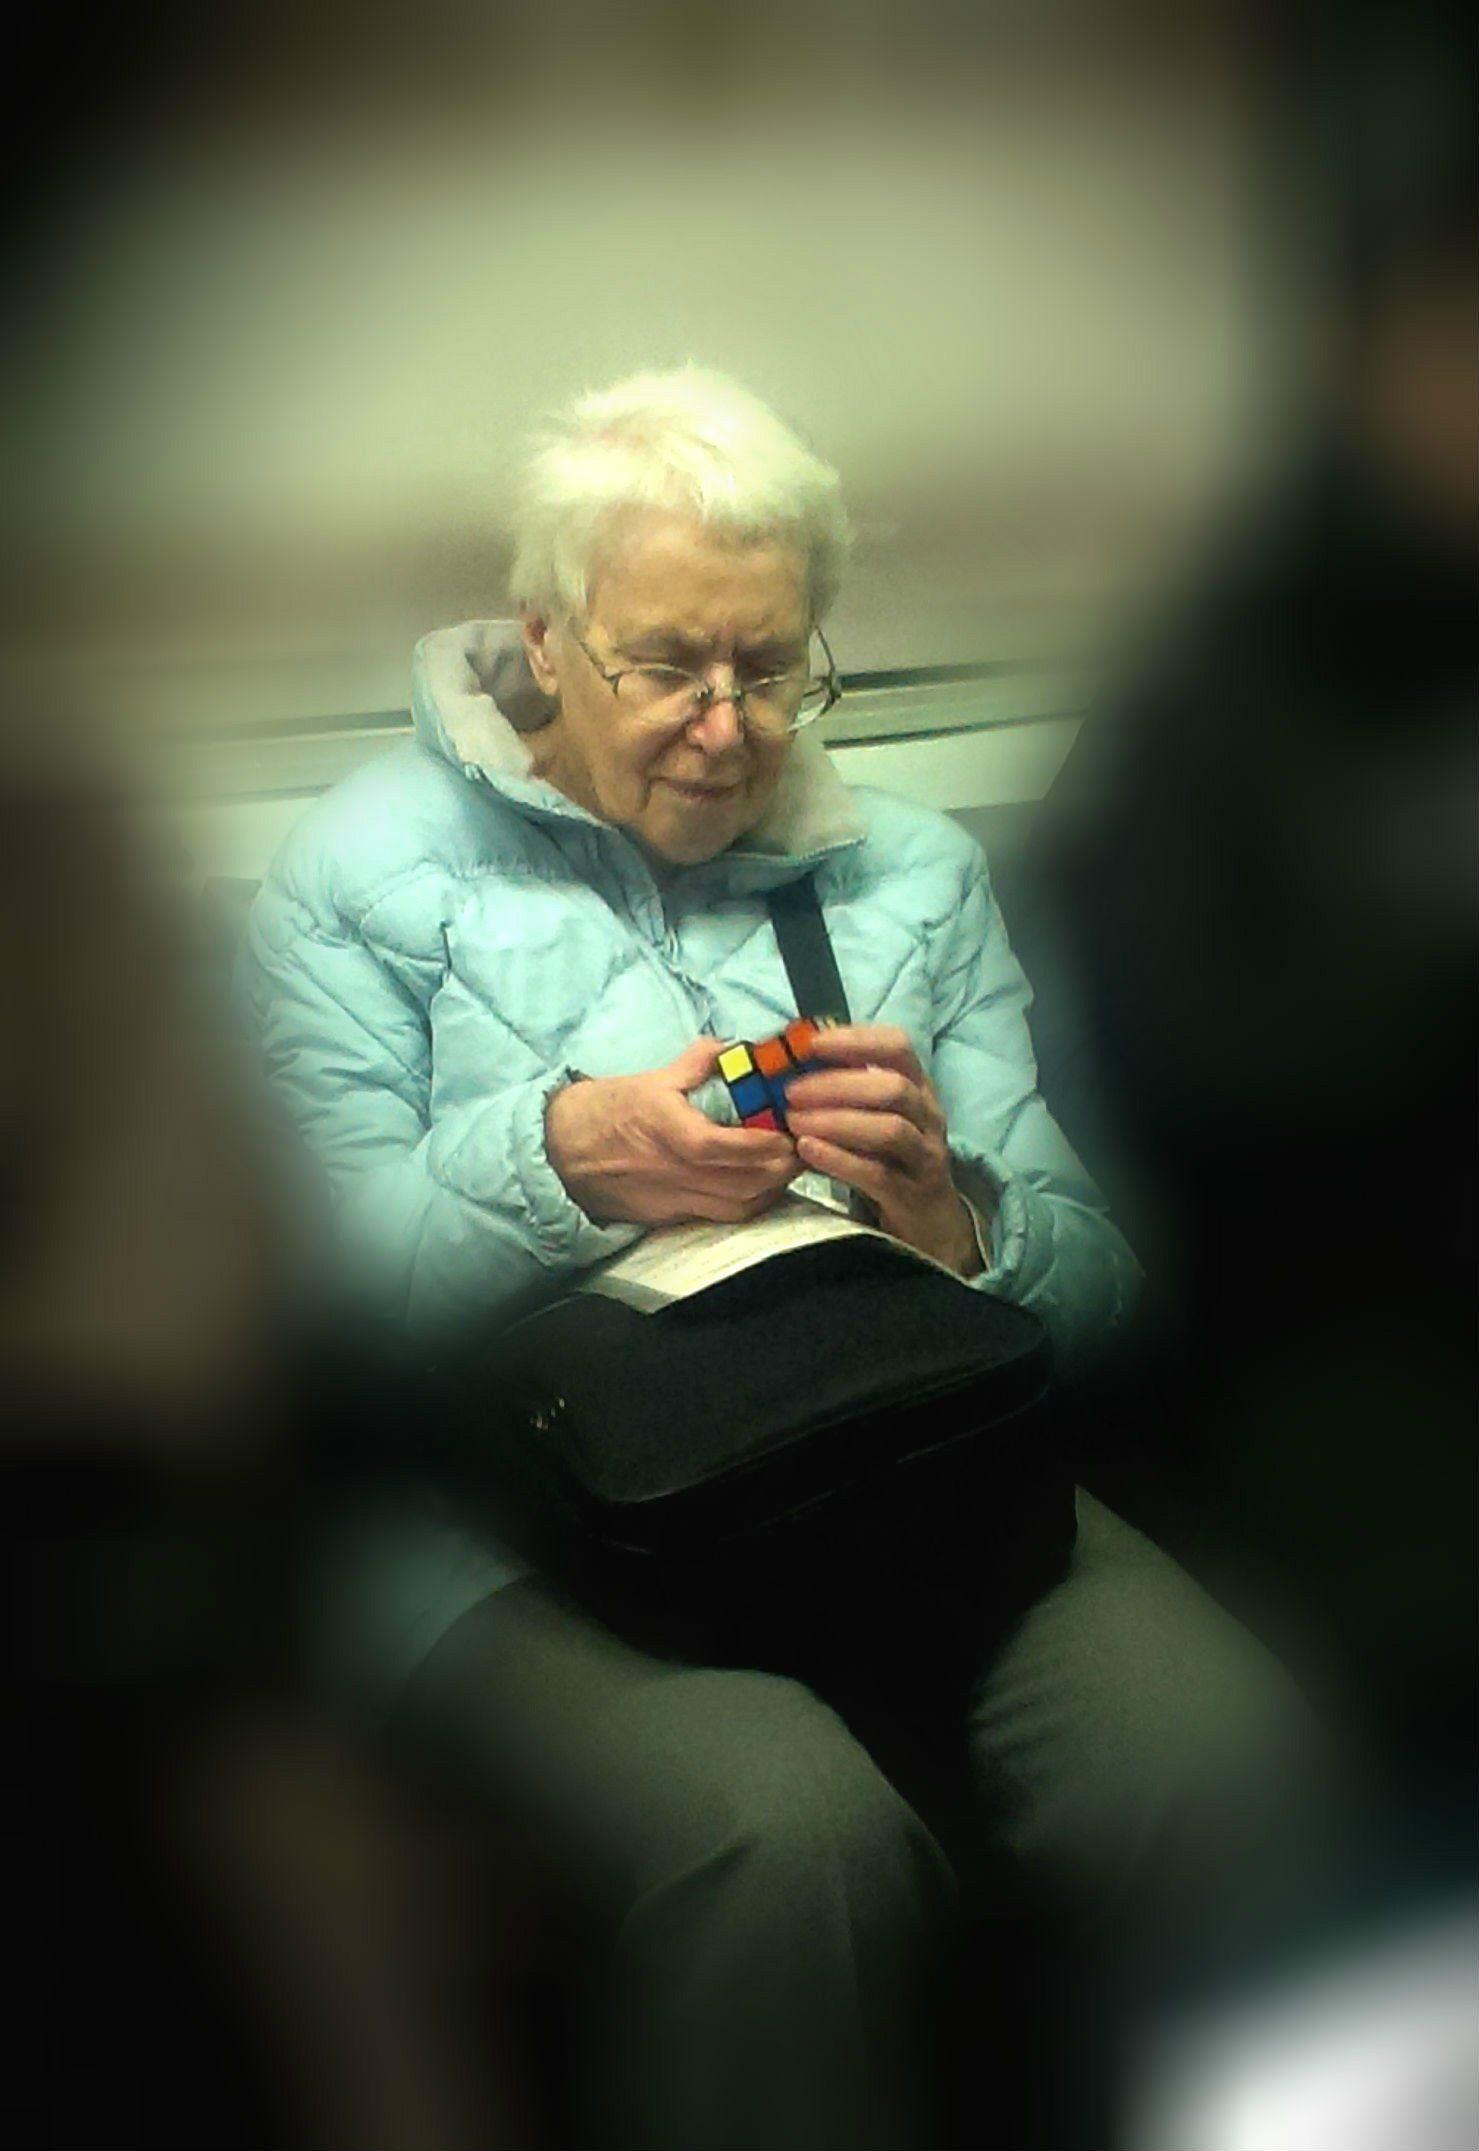 старость, увлечение, Maria V. Gorskaya